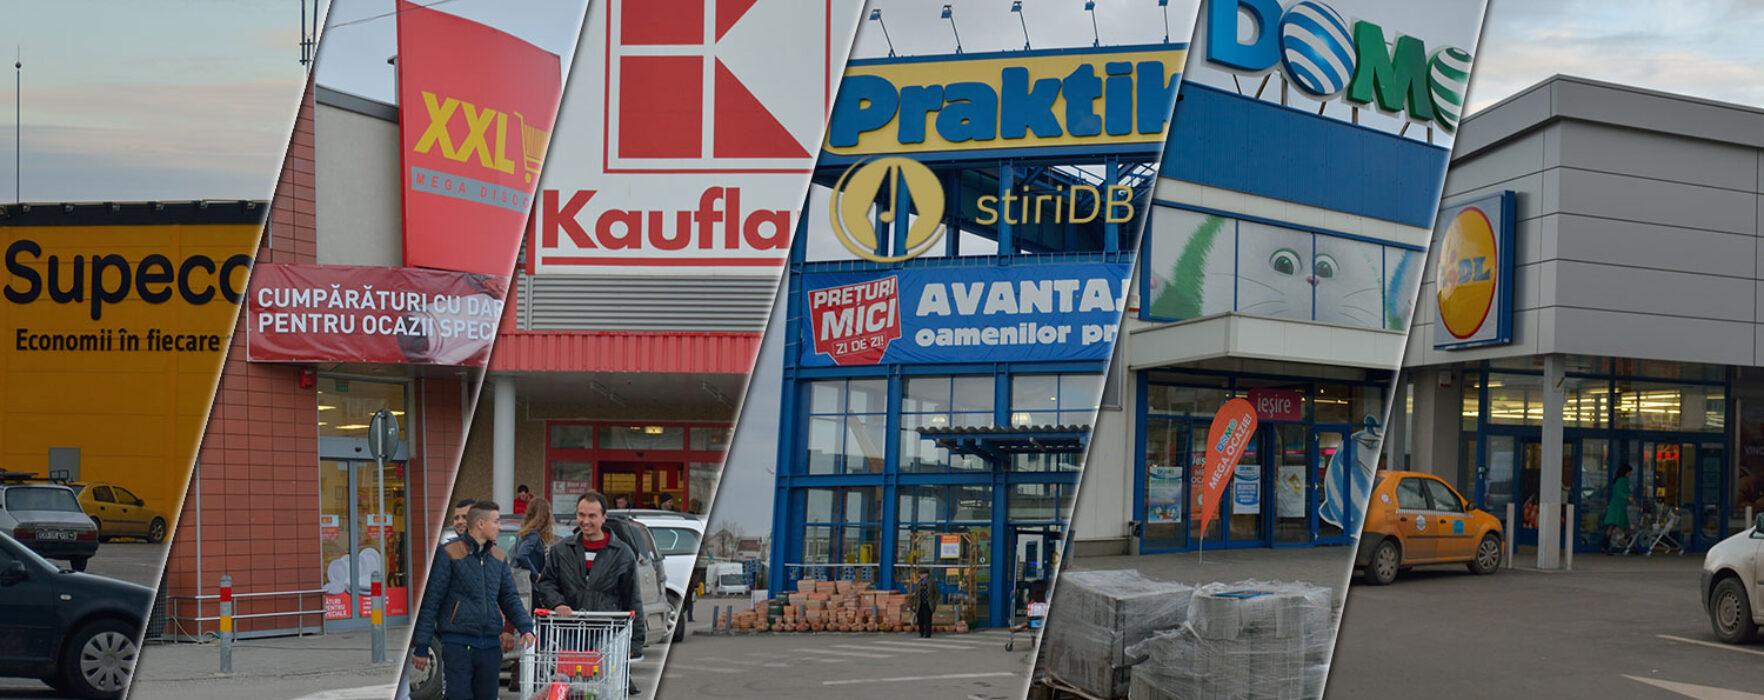 Şase supermarketuri, în centrul Târgoviştei, pe terenul UPET